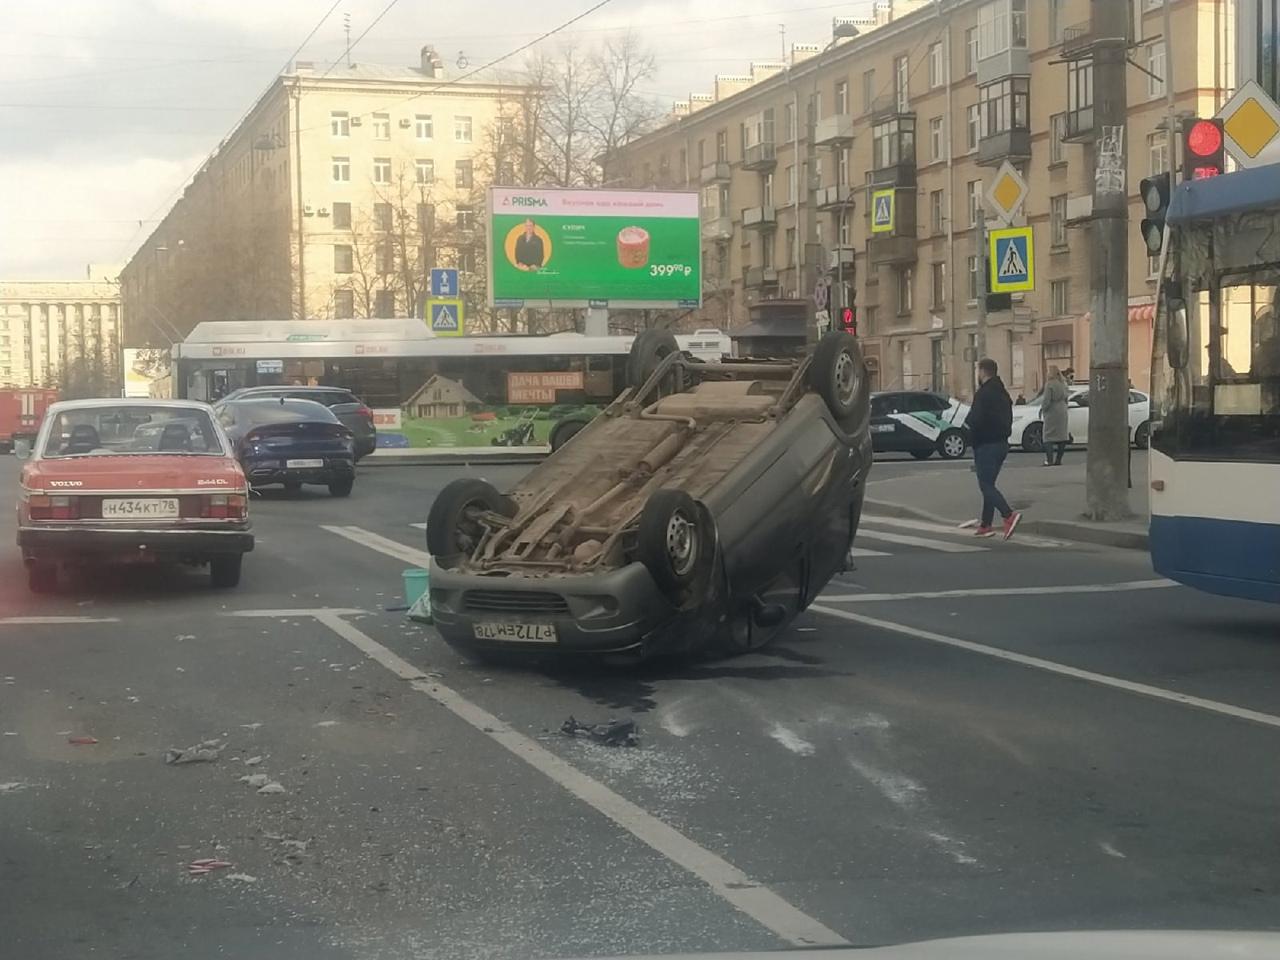 Матиз перевернулся на перекрёстке Ленинского и Варшавской. В сторону Московского пр. пробочка.